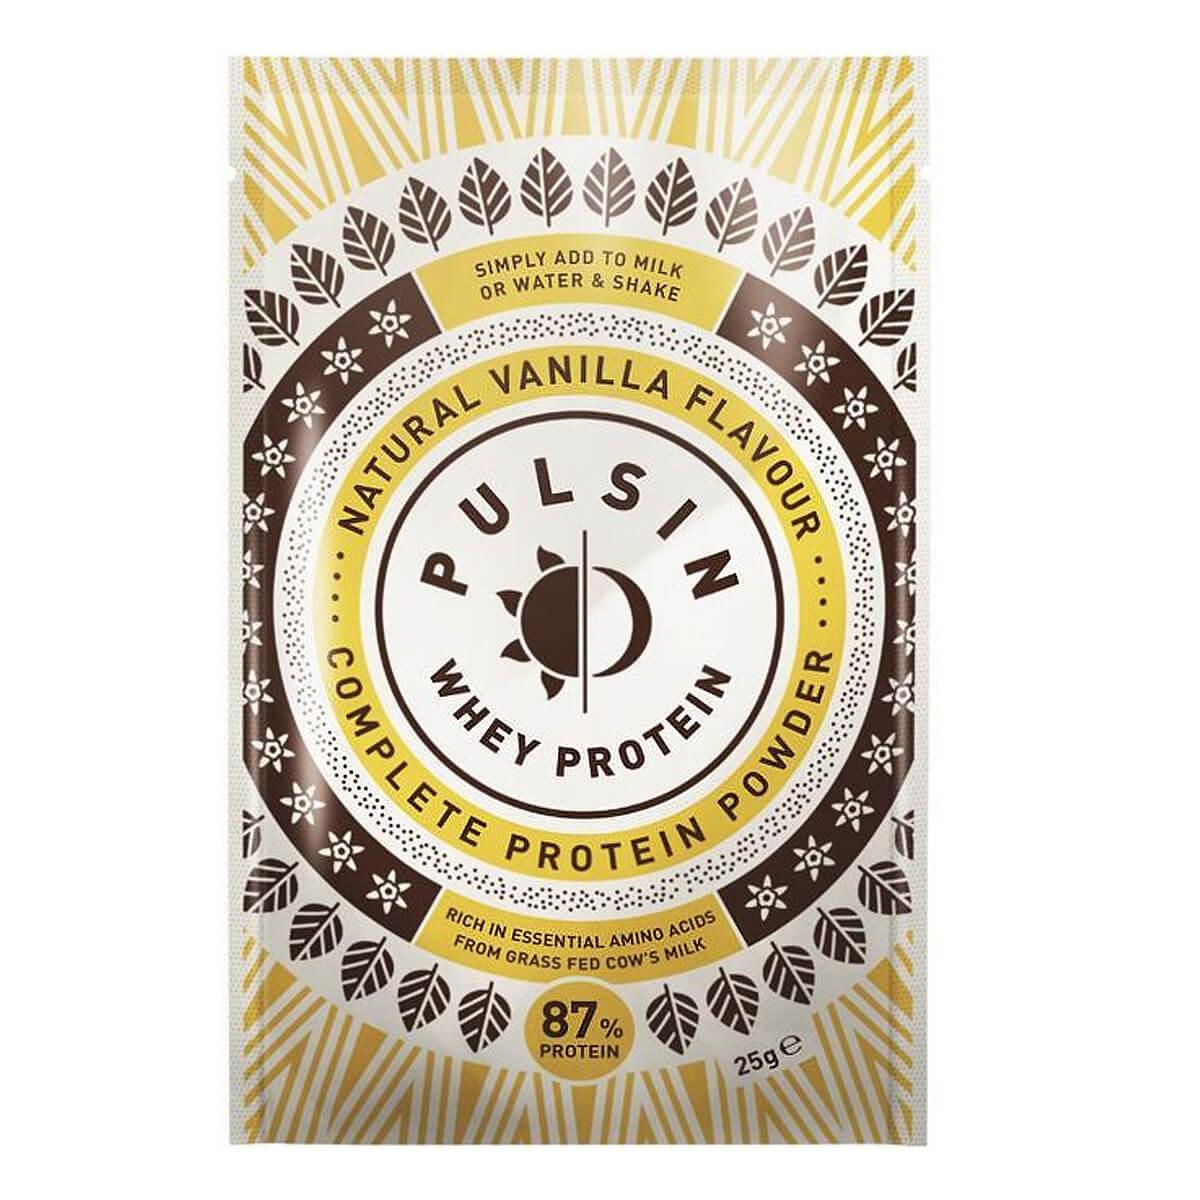 Pulsin Vanilla Whey Protein Complete Protein Powder